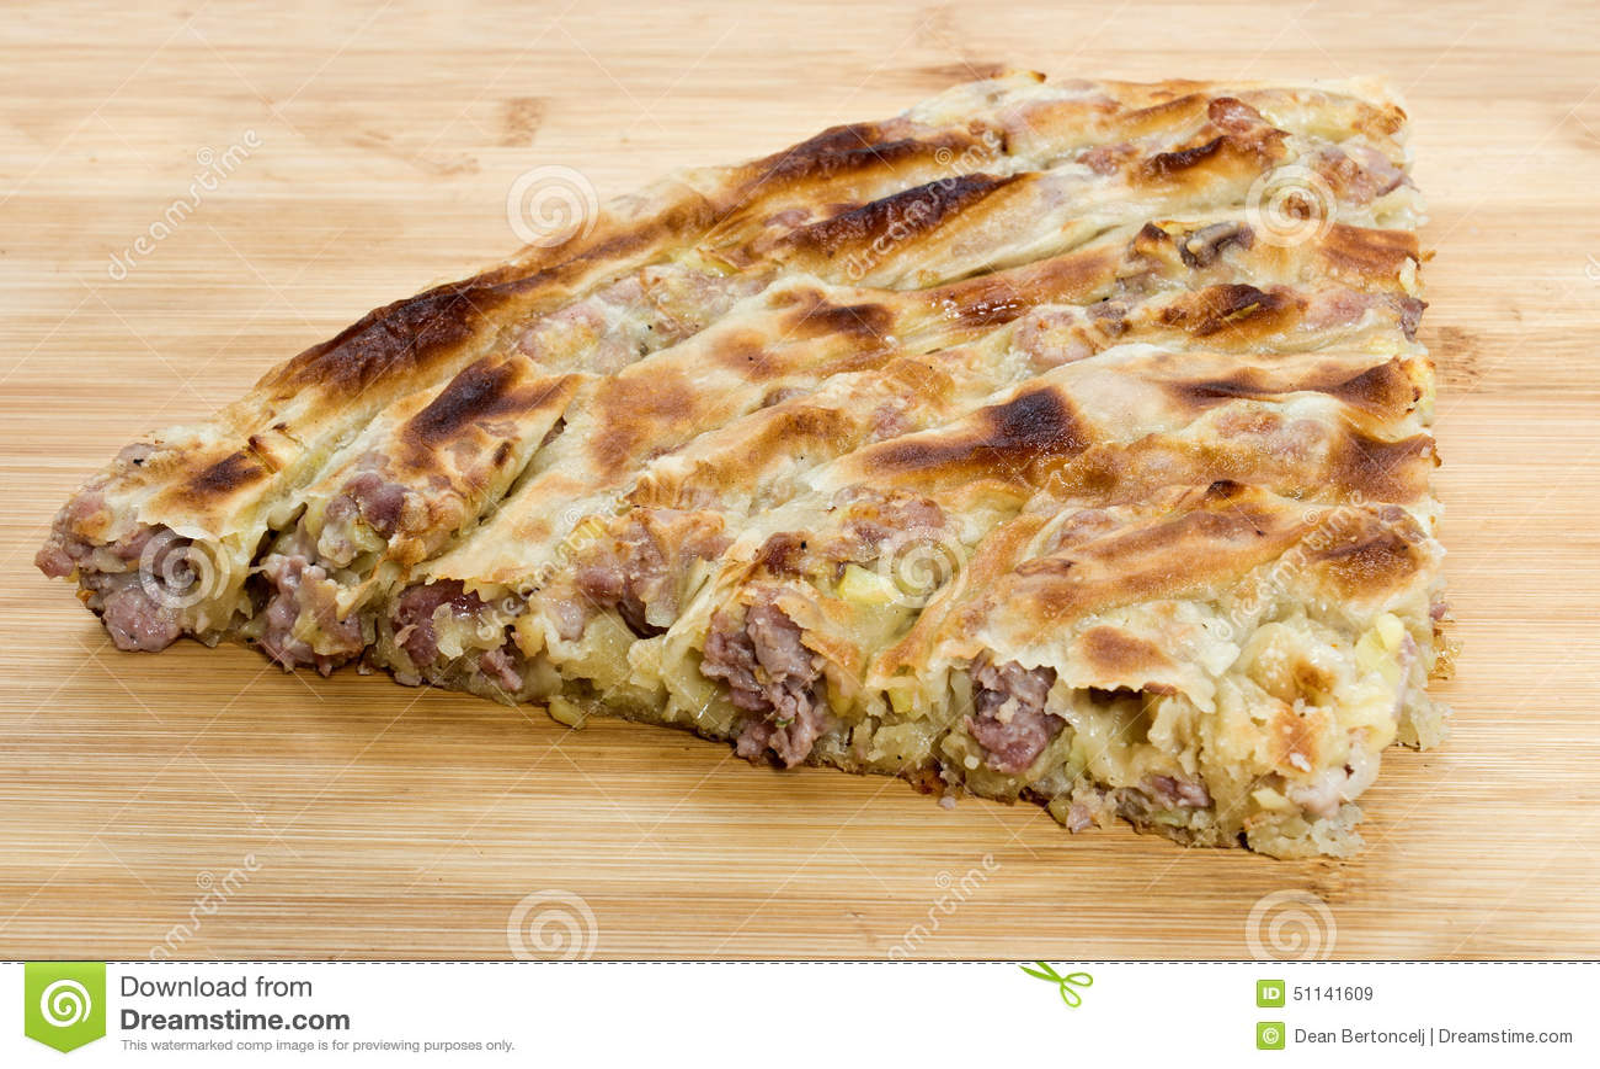 how to make croatian cheese pita